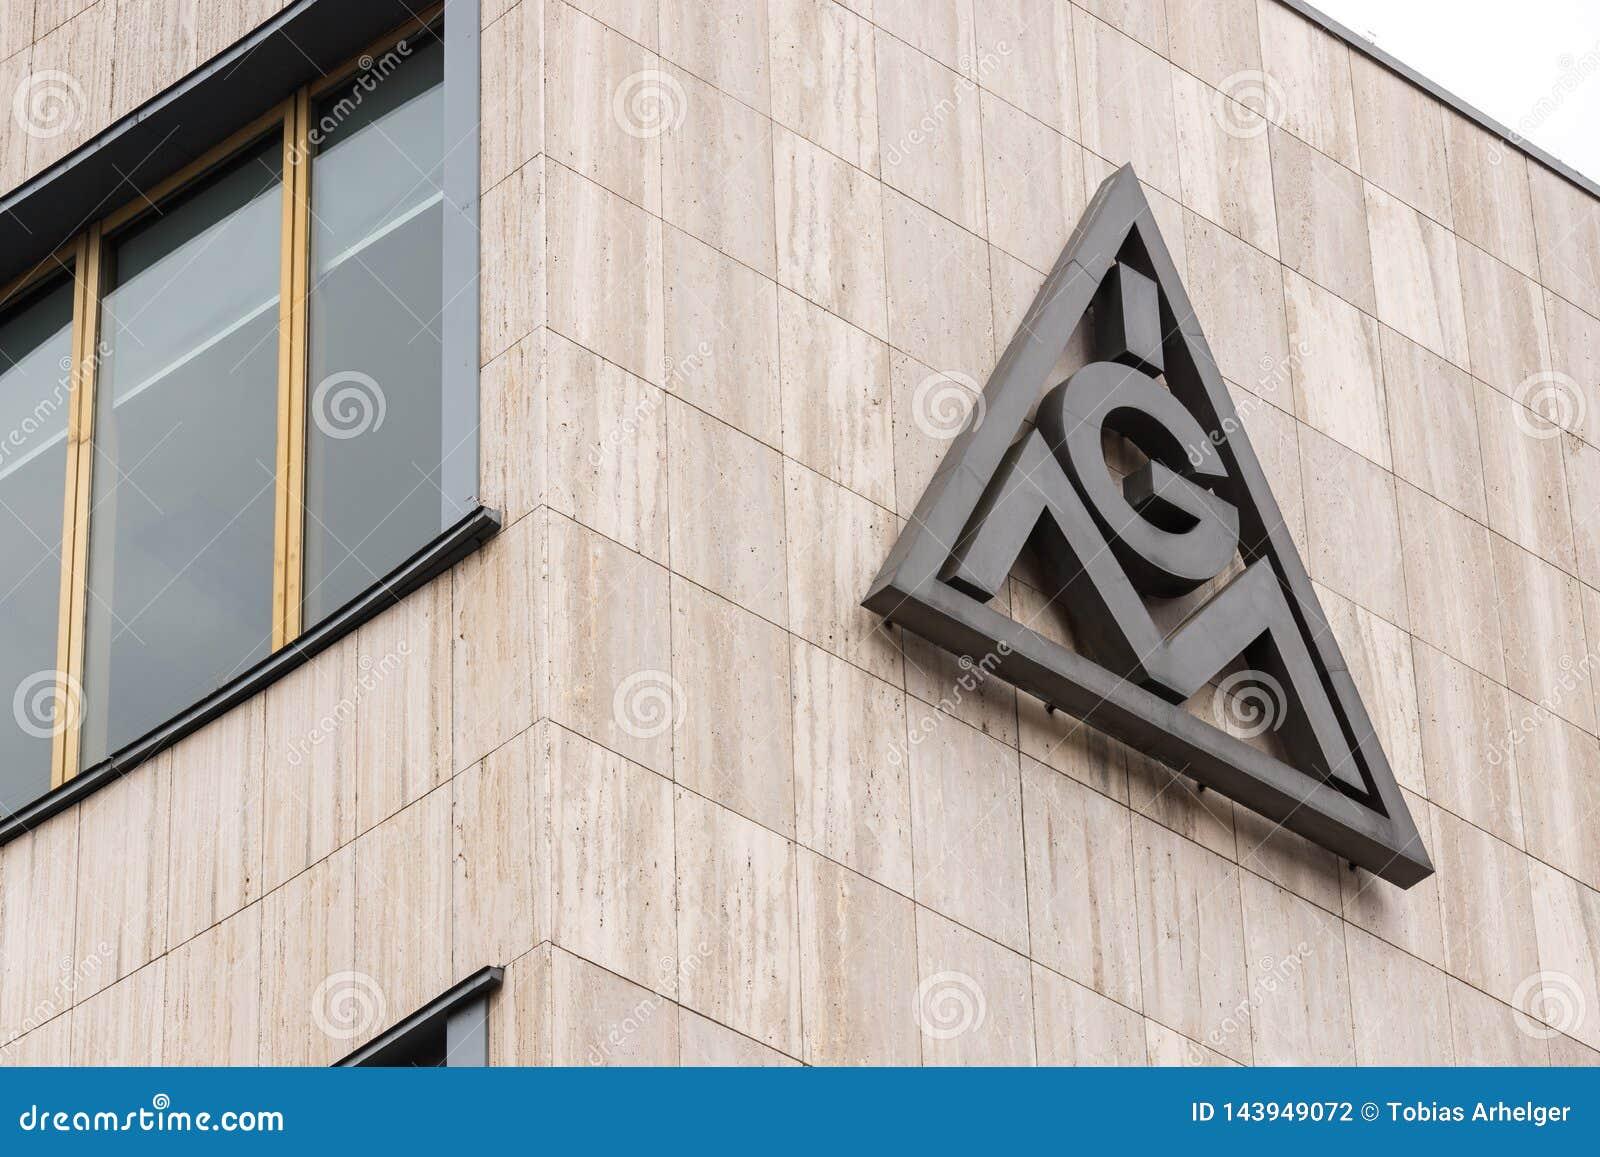 Berlin, brandenburg/germany - 15 03 19: ig metall building  in berlin germany